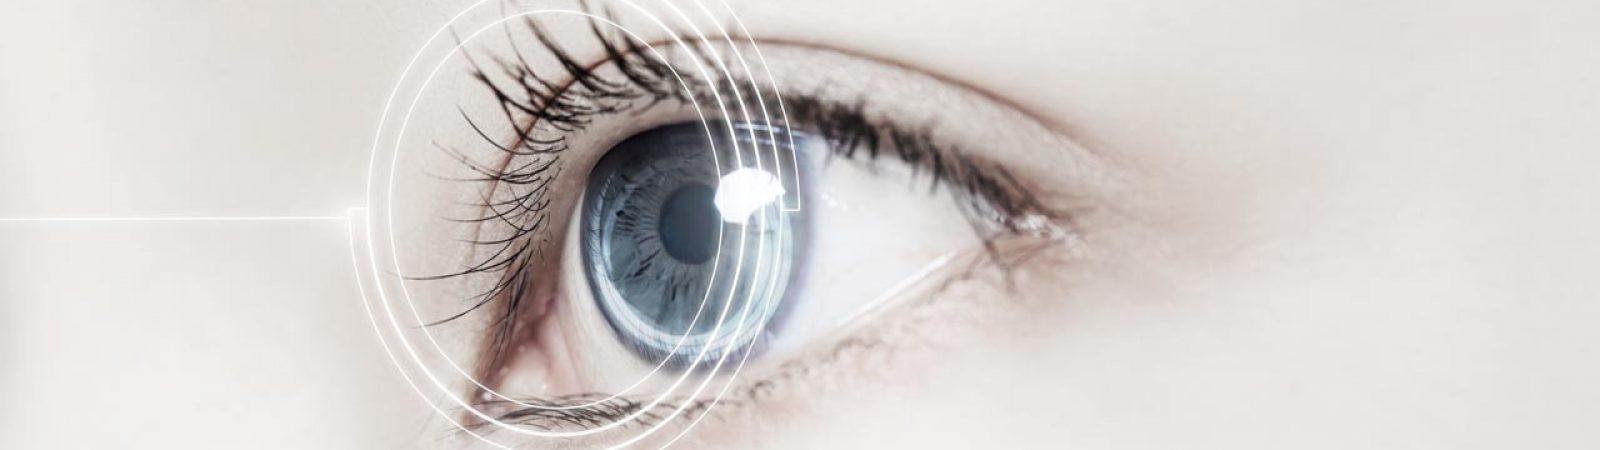 Ortocheratologia: correggere la miopia dormendo